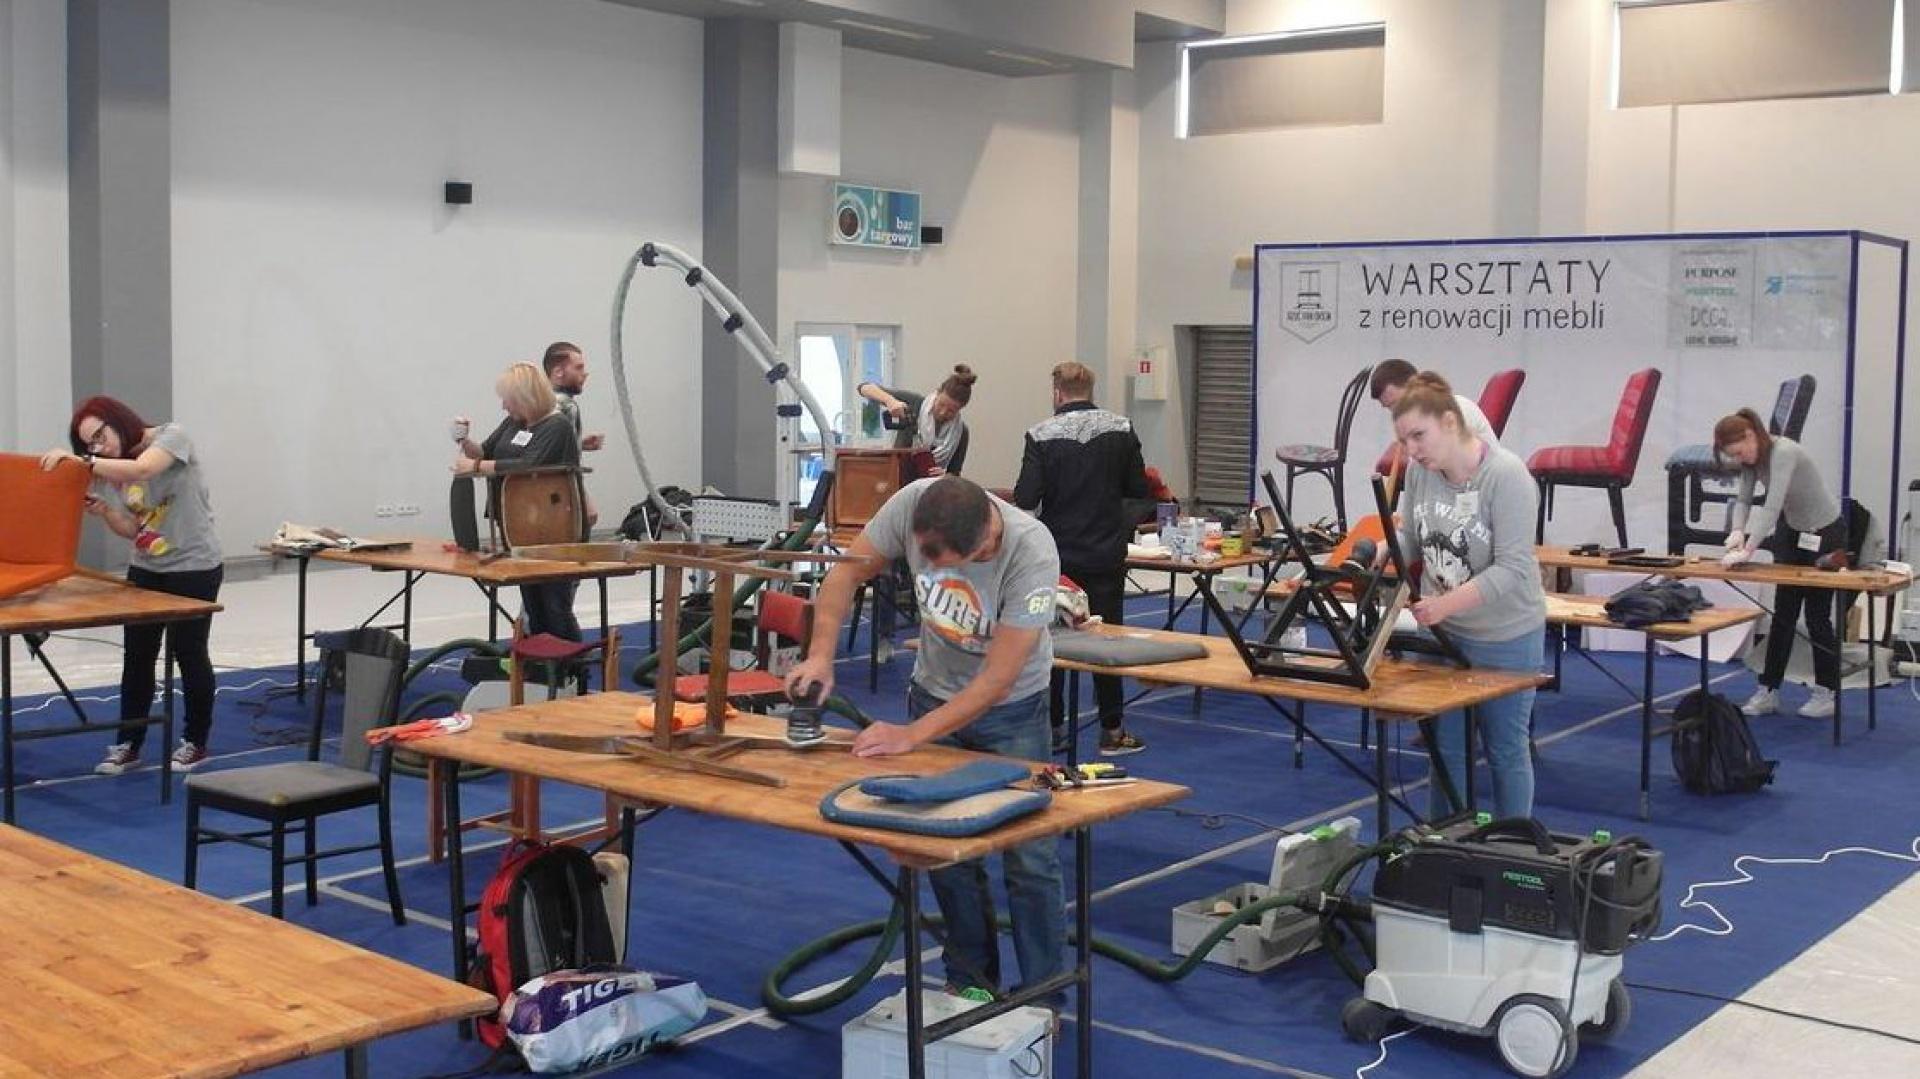 Na warsztatach odnawiania mebli uczestnicy przez dwa dni pracowali nad starym krzesłem bądź podnóżkiem, aby nadać mu nowe życie. Fot. Materiały prasowe